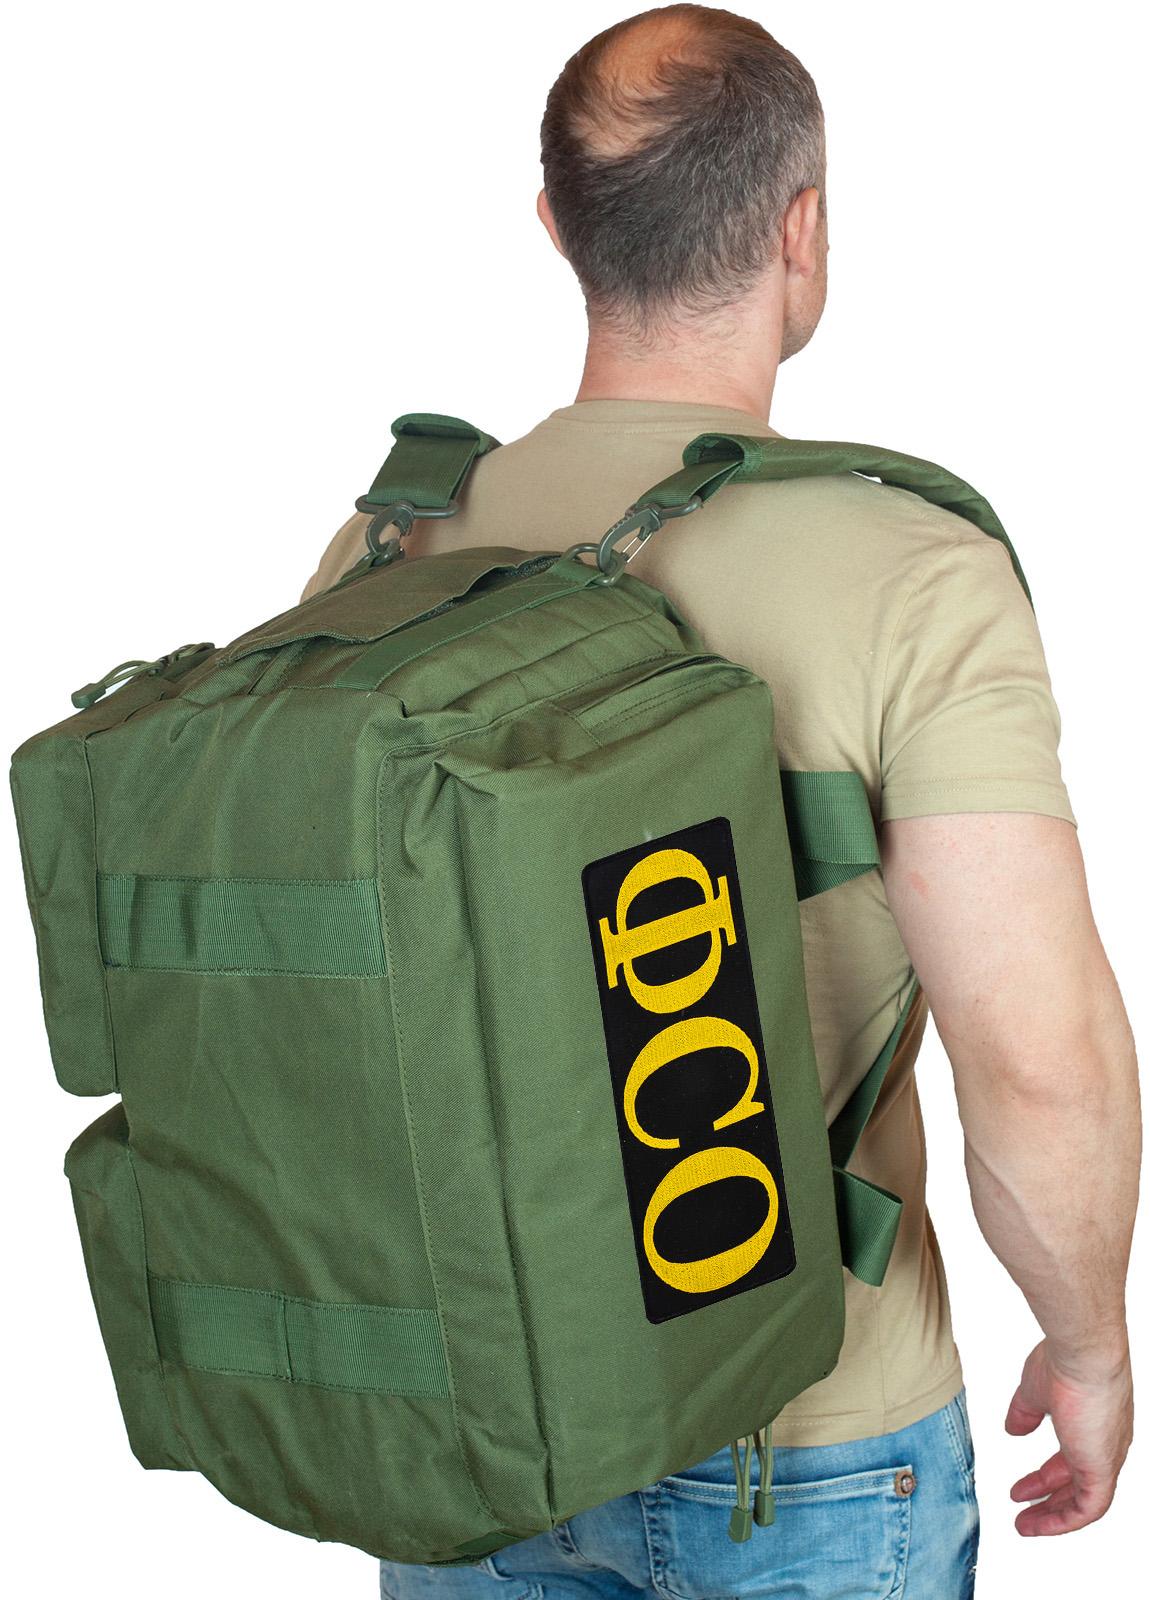 Купить походную сумку-рюкзак с нашивкой ФСО по специальной цене